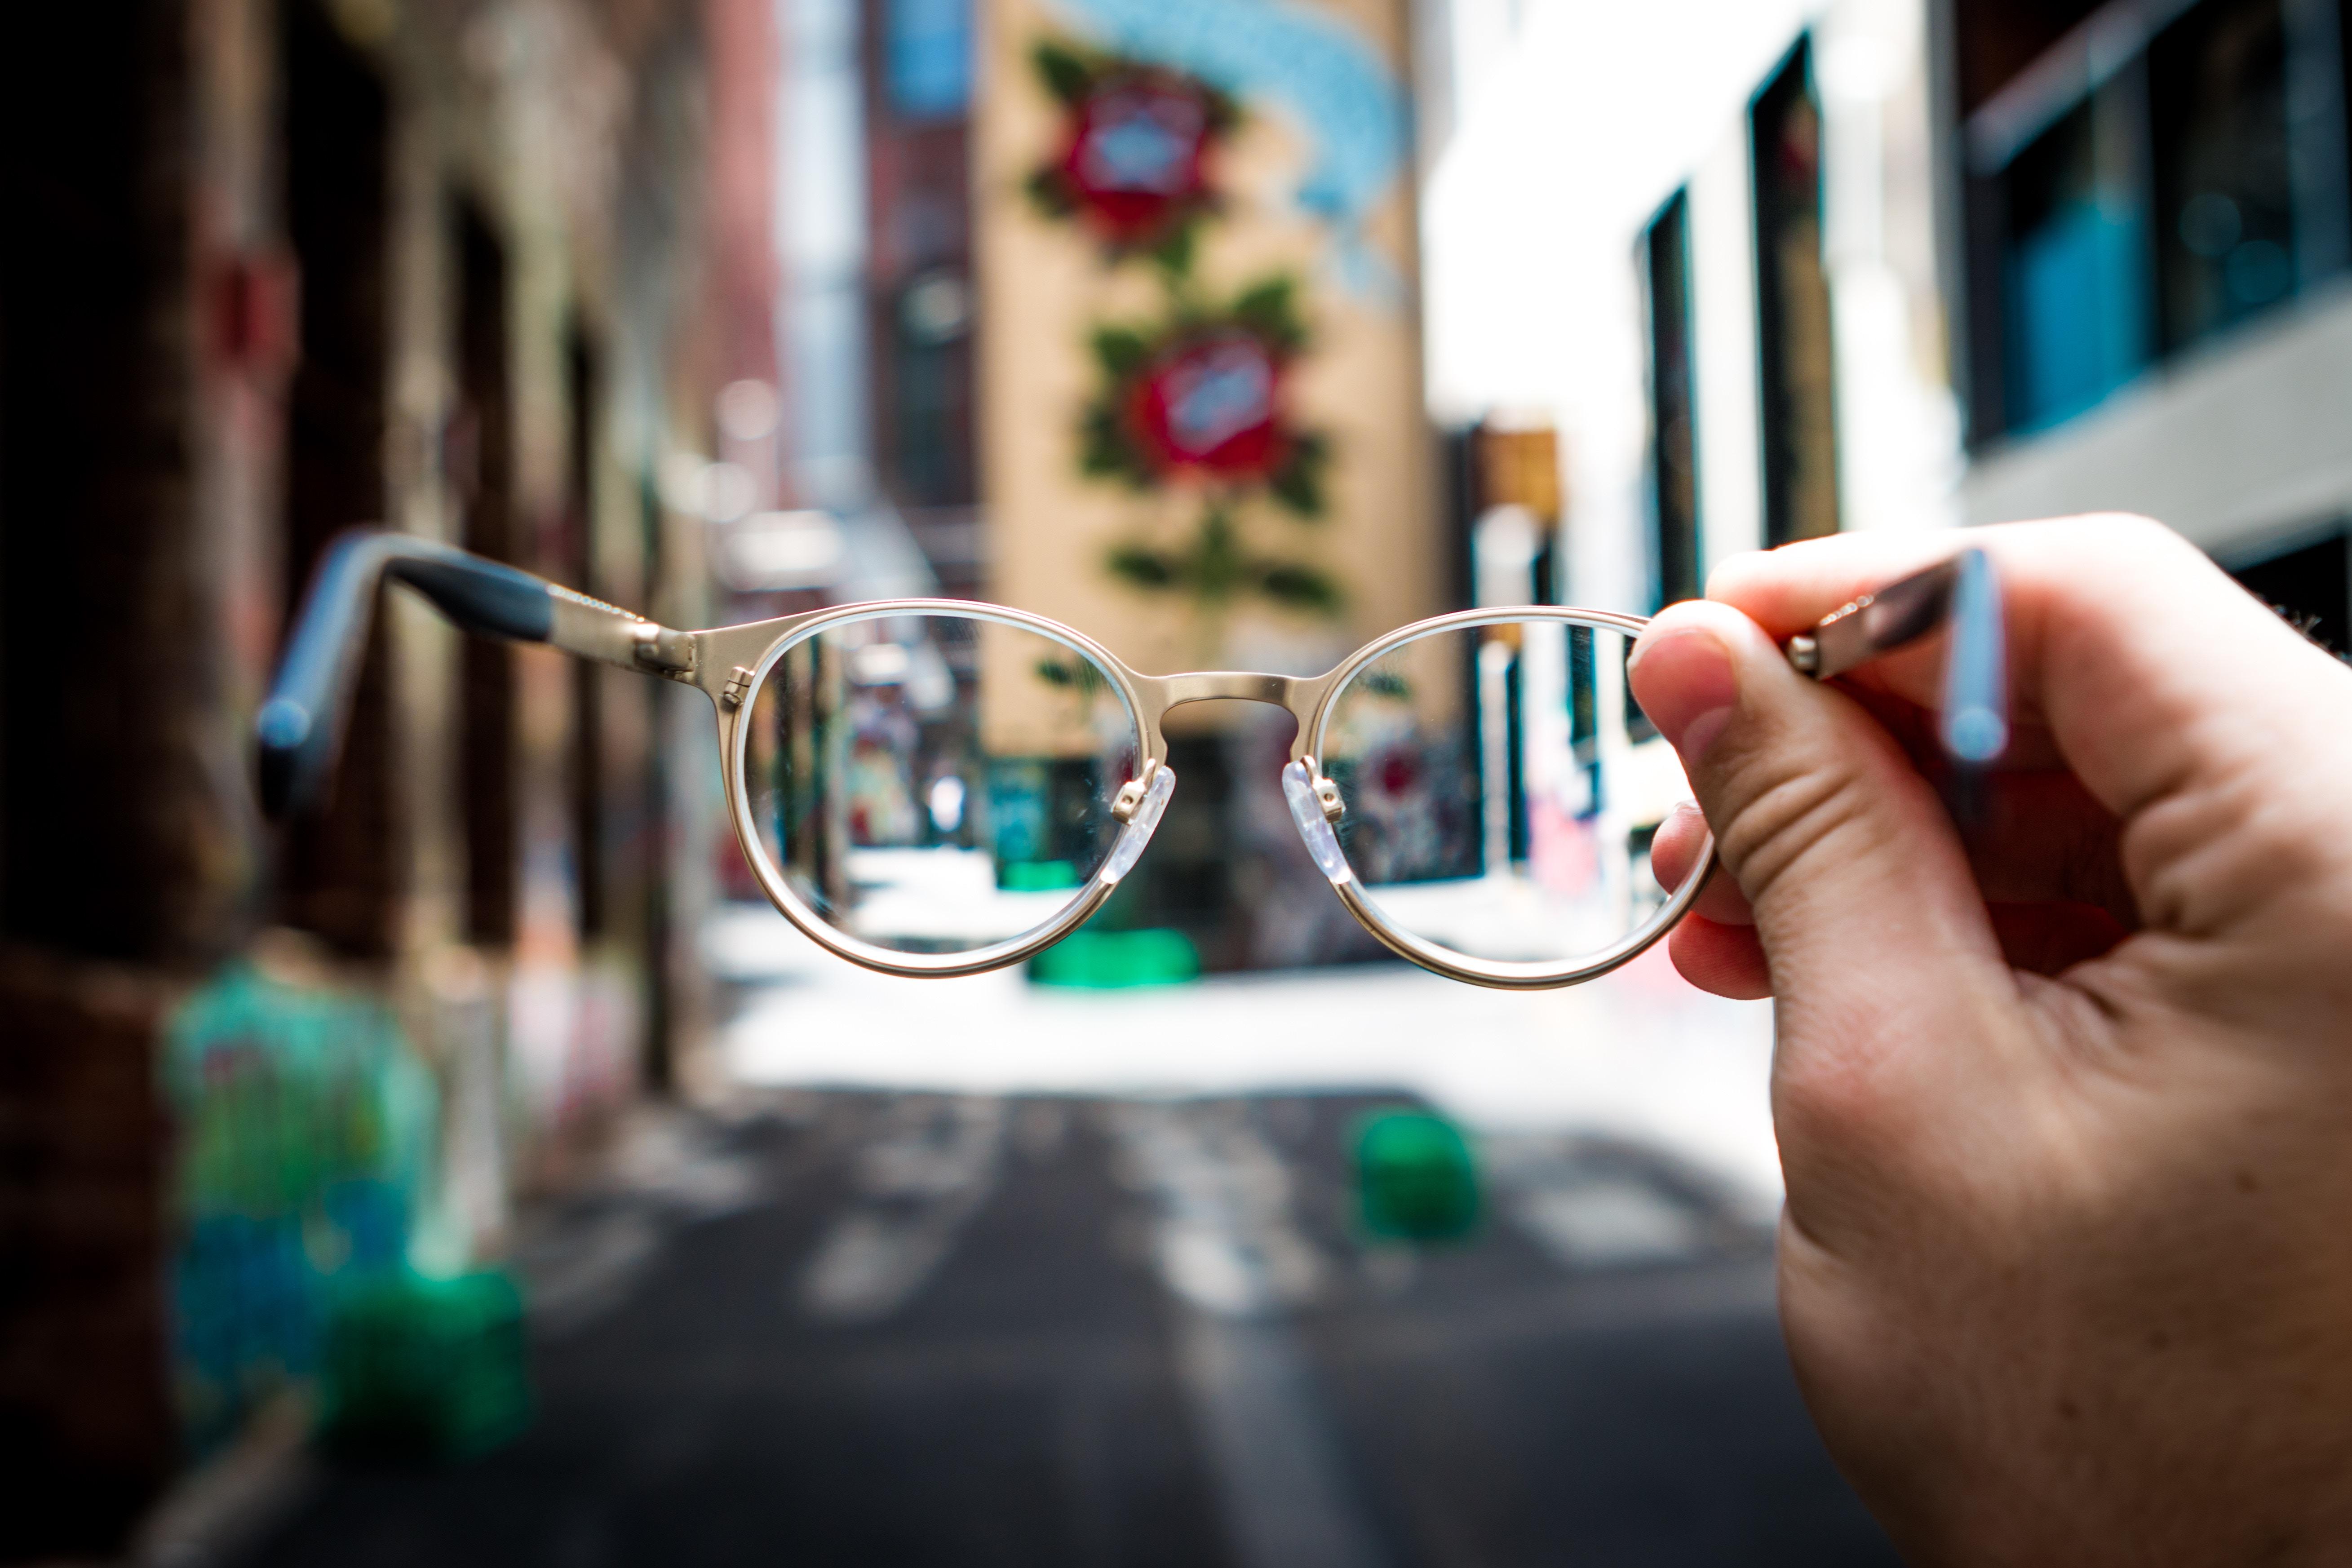 mão segurando óculos de grau na frente de um prédio grafitado. fora do óculos está tudo embaçado, pelas lentes a imagem está nítida.